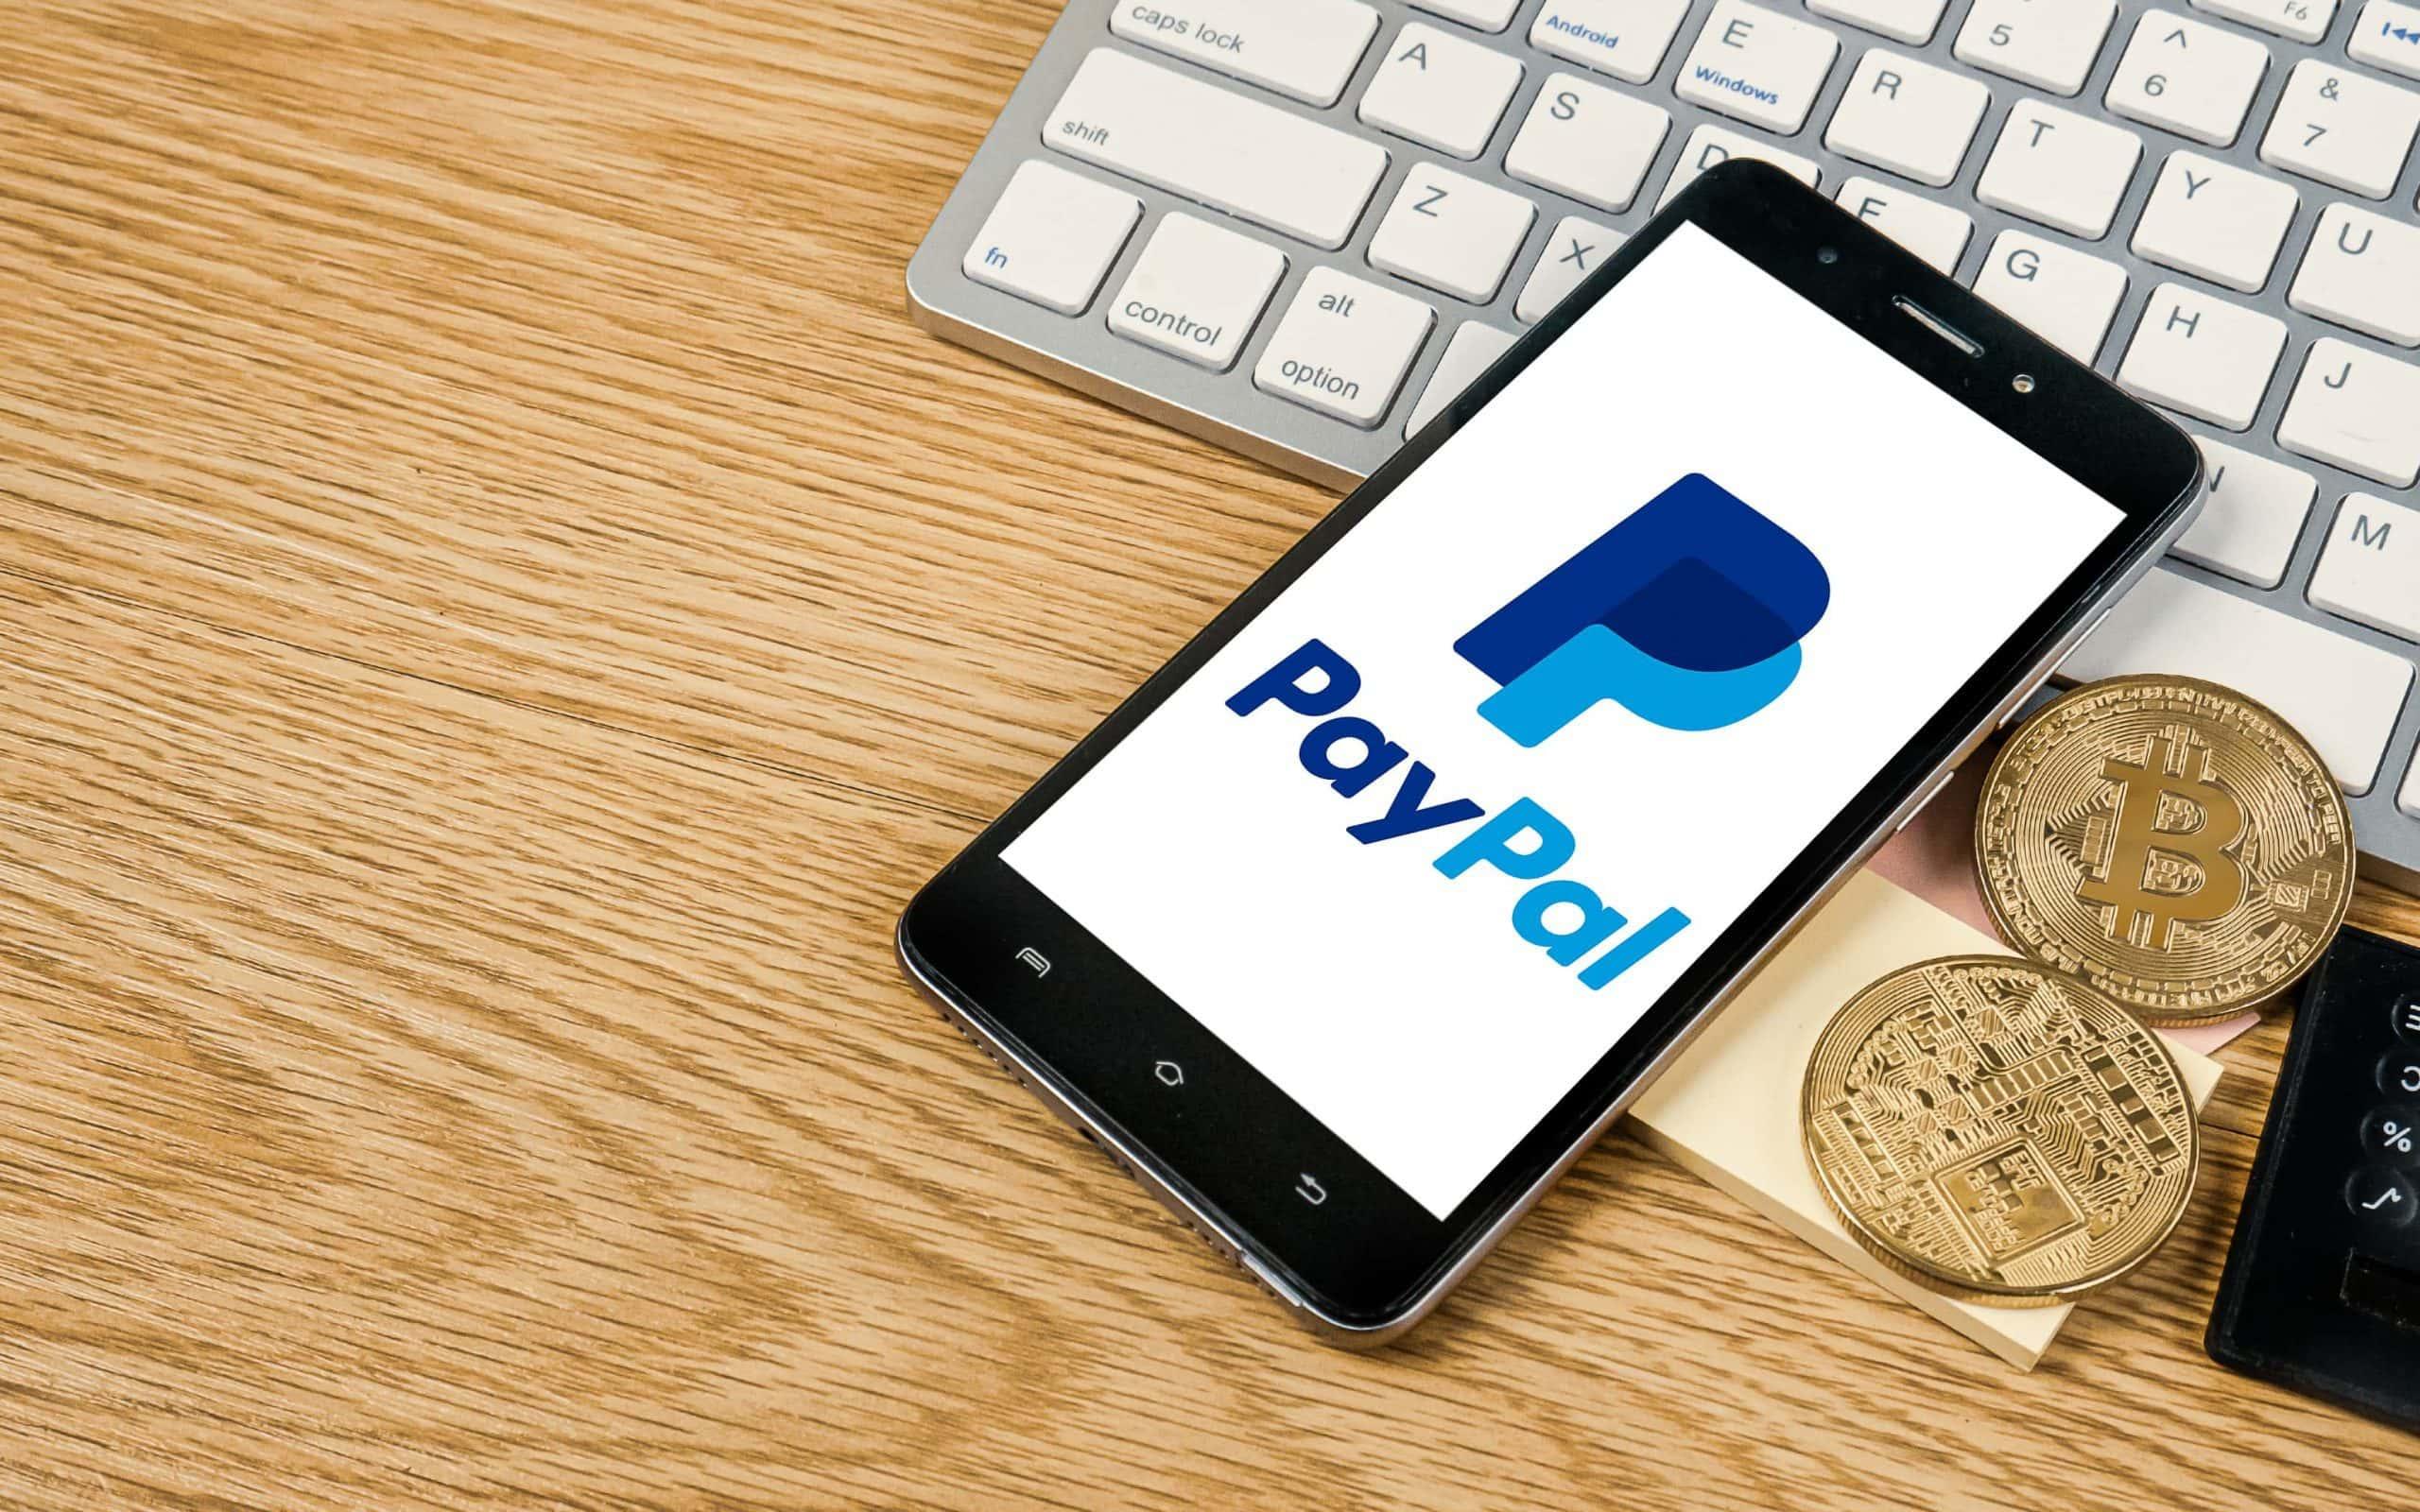 Ein Smartphone, auf dem das PayPal-Logo zu sehen ist, liegt angelehnt an eine Computertastatur auf einem Holztisch. Daneben liegen zwei Bitcoin-Münzen